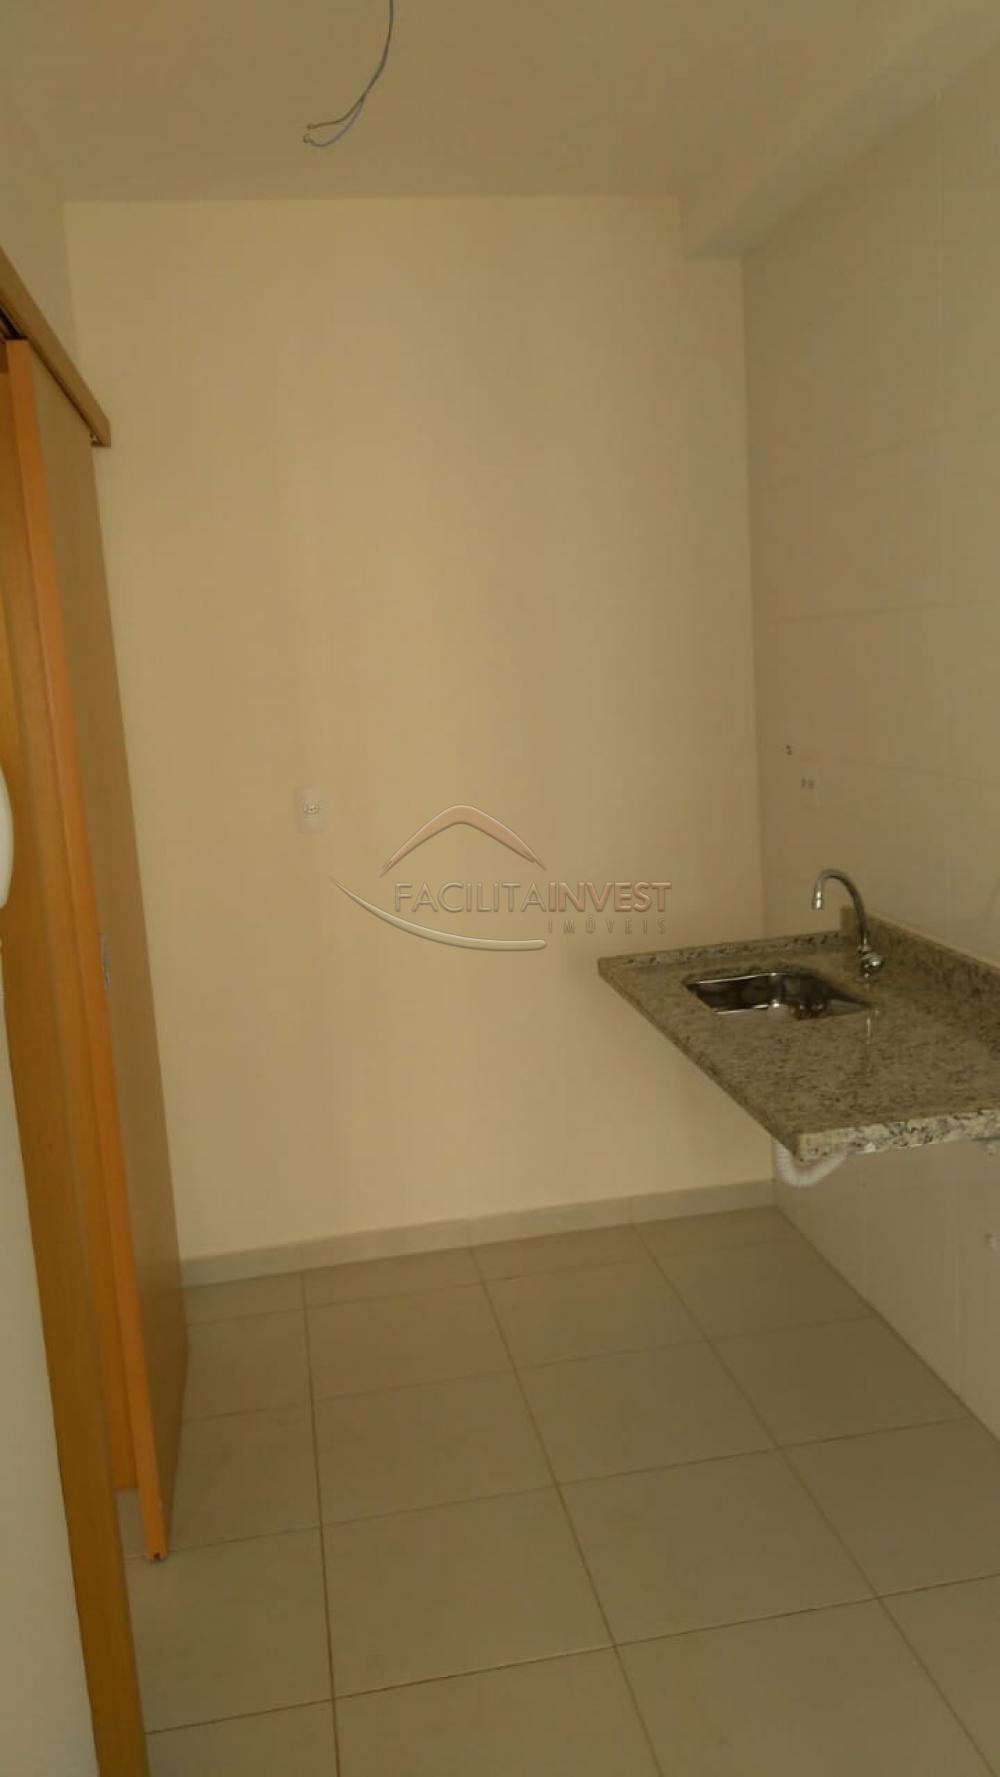 Comprar Lançamentos/ Empreendimentos em Construç / Apartamento padrão - Lançamento em Ribeirão Preto apenas R$ 216.000,00 - Foto 9